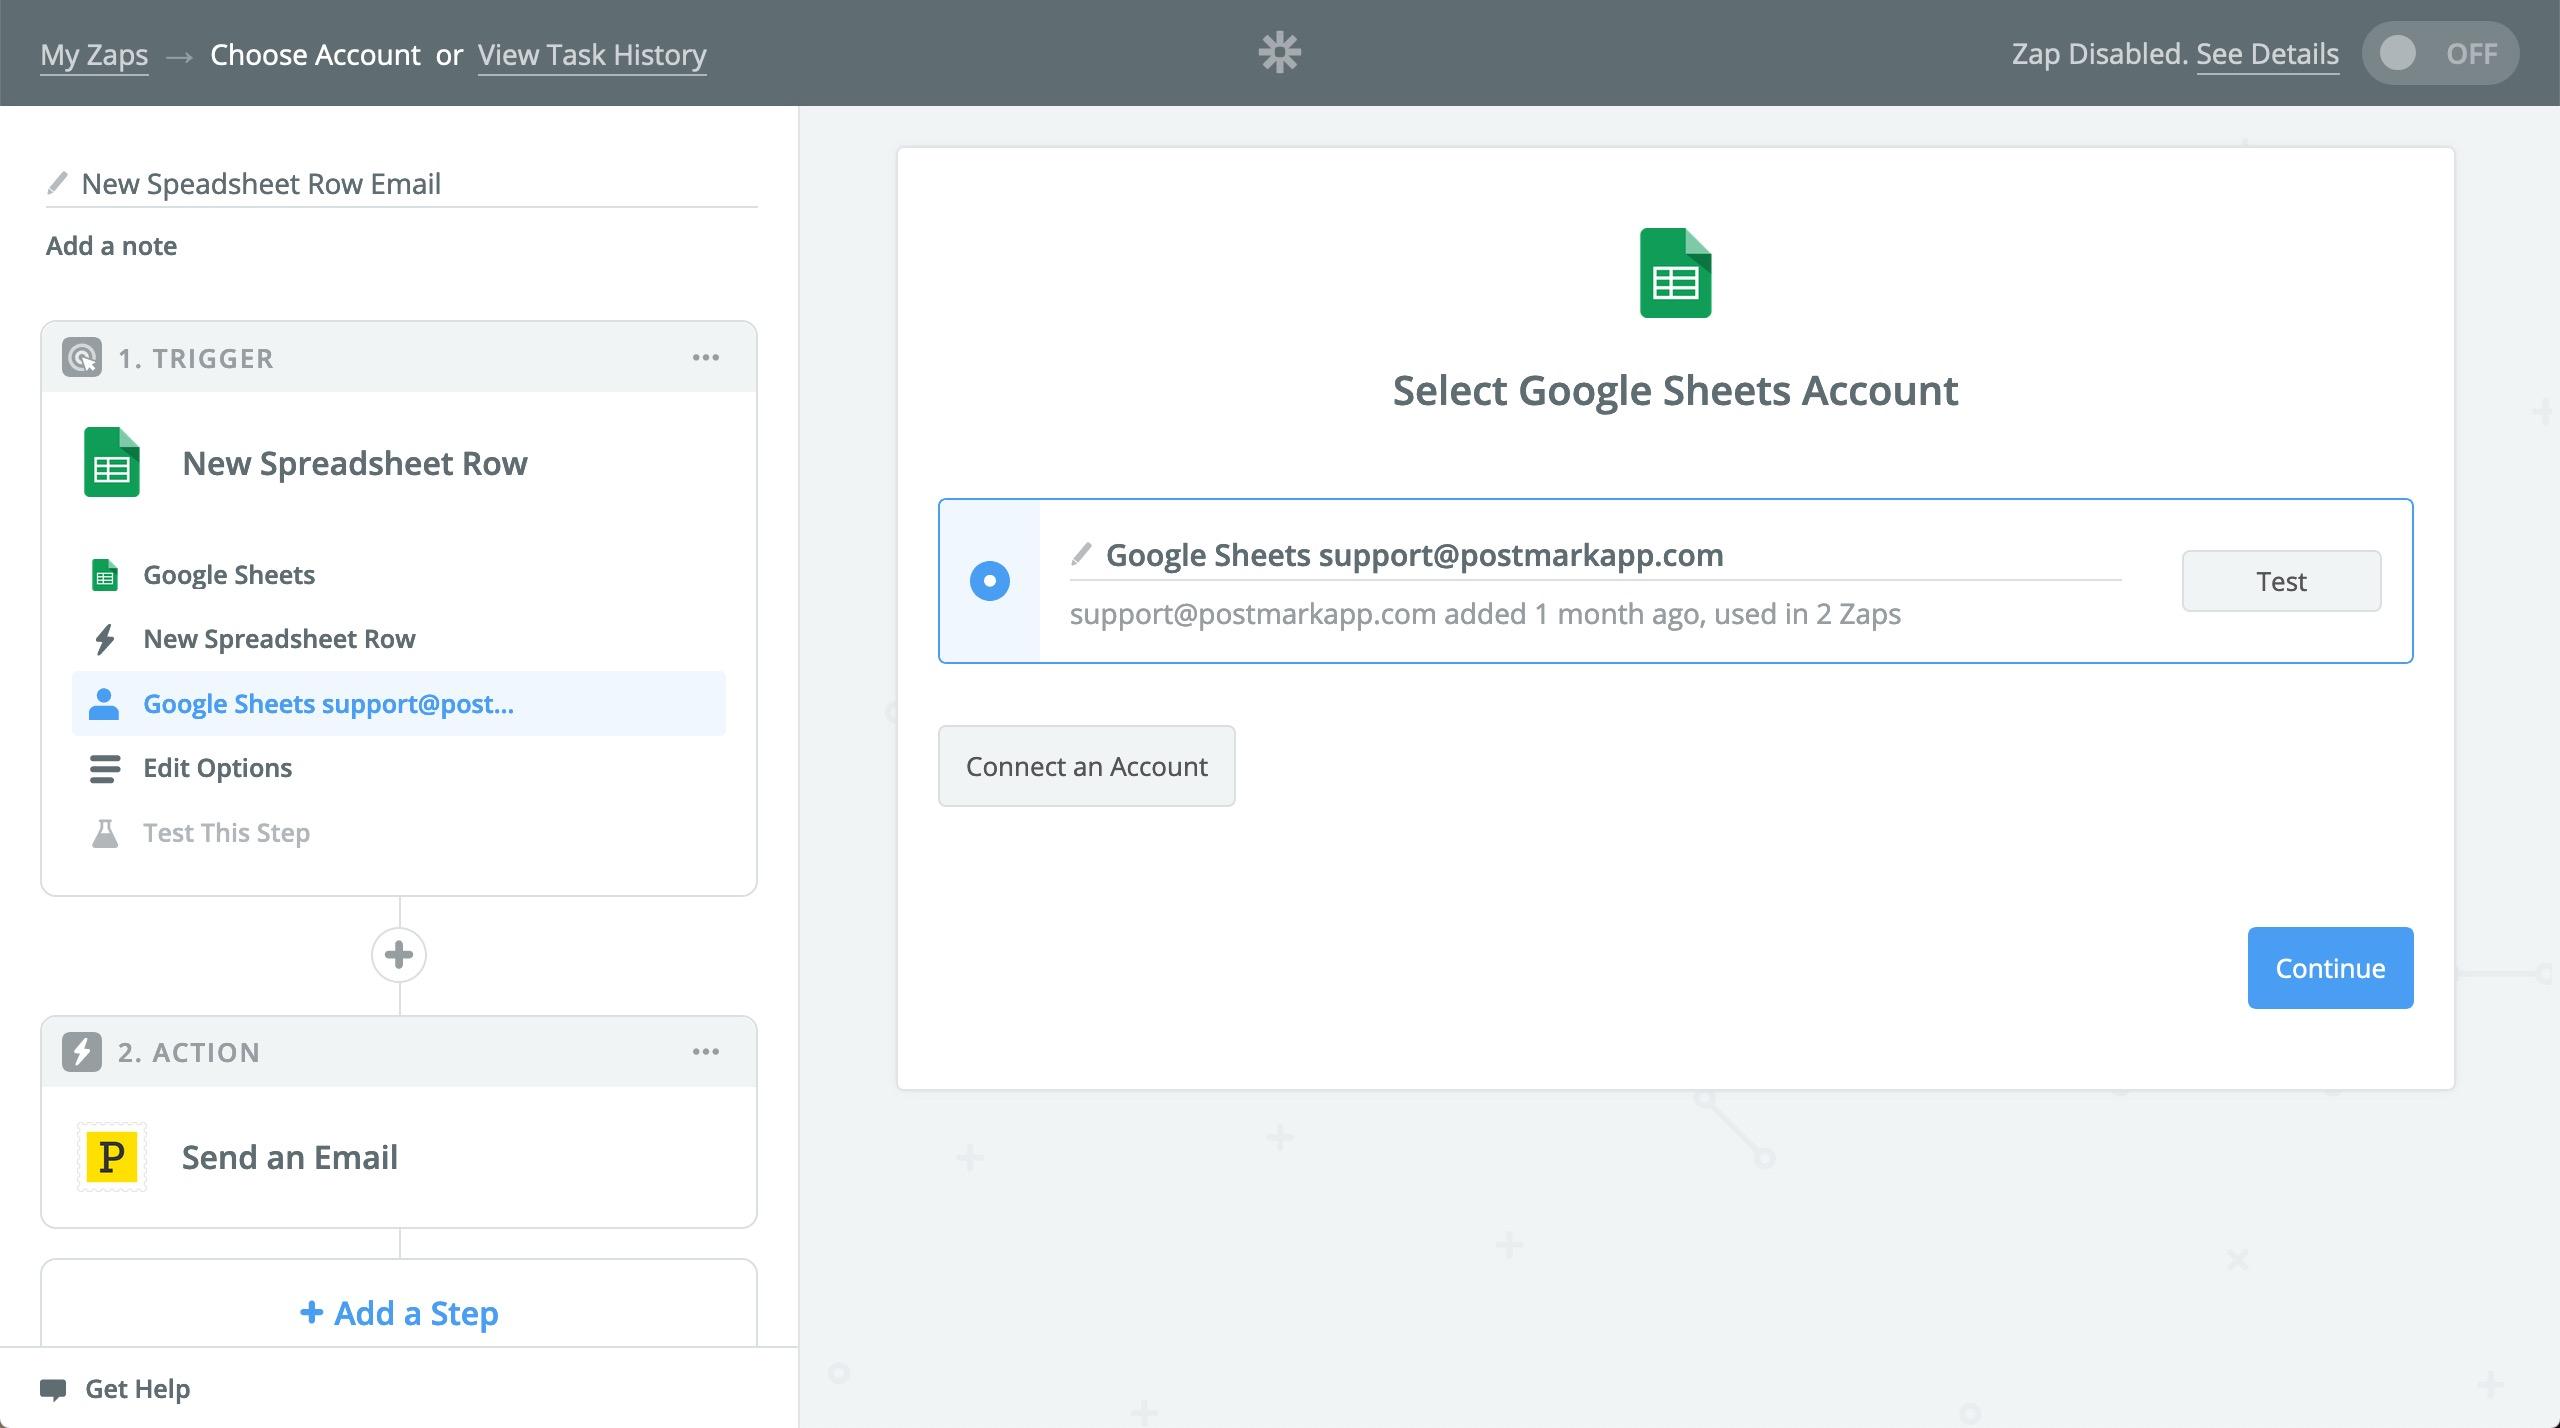 Select Google Sheets account